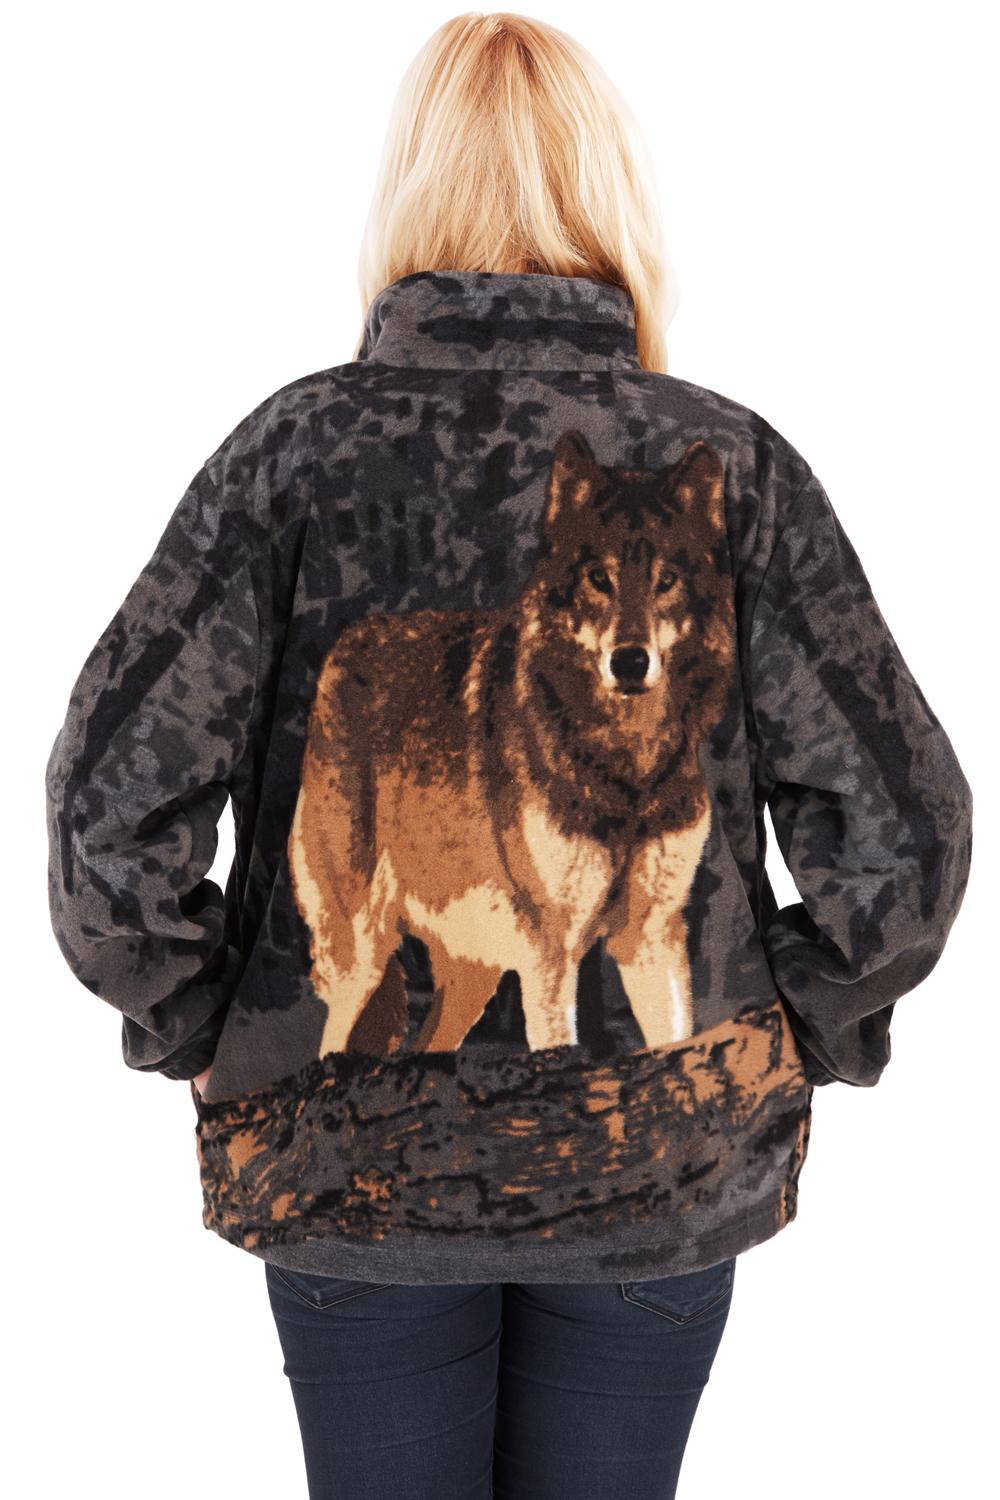 Mens Fur Lined Jacket